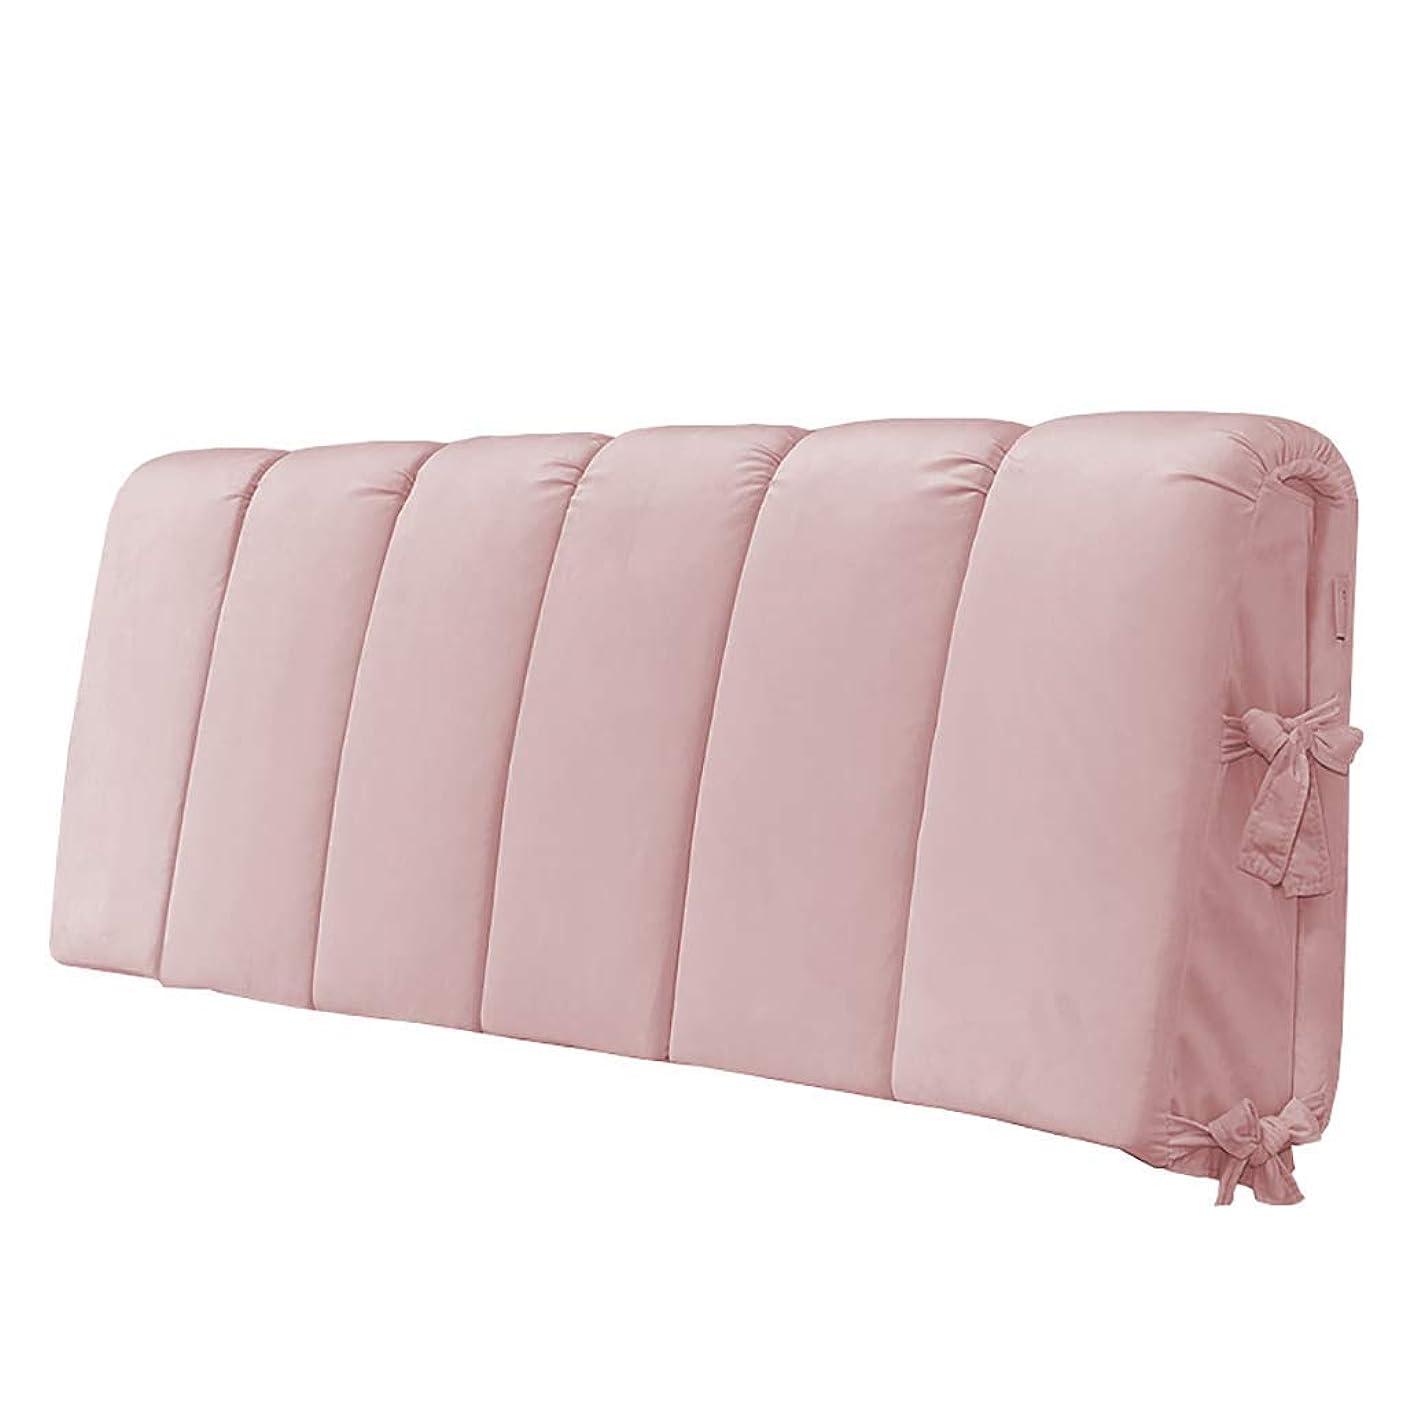 ミニチュア上回る火炎SXT クッションダブルベッド長枕背もたれ枕ソファソフトバッグ (サイズ : 120*50*8CM)